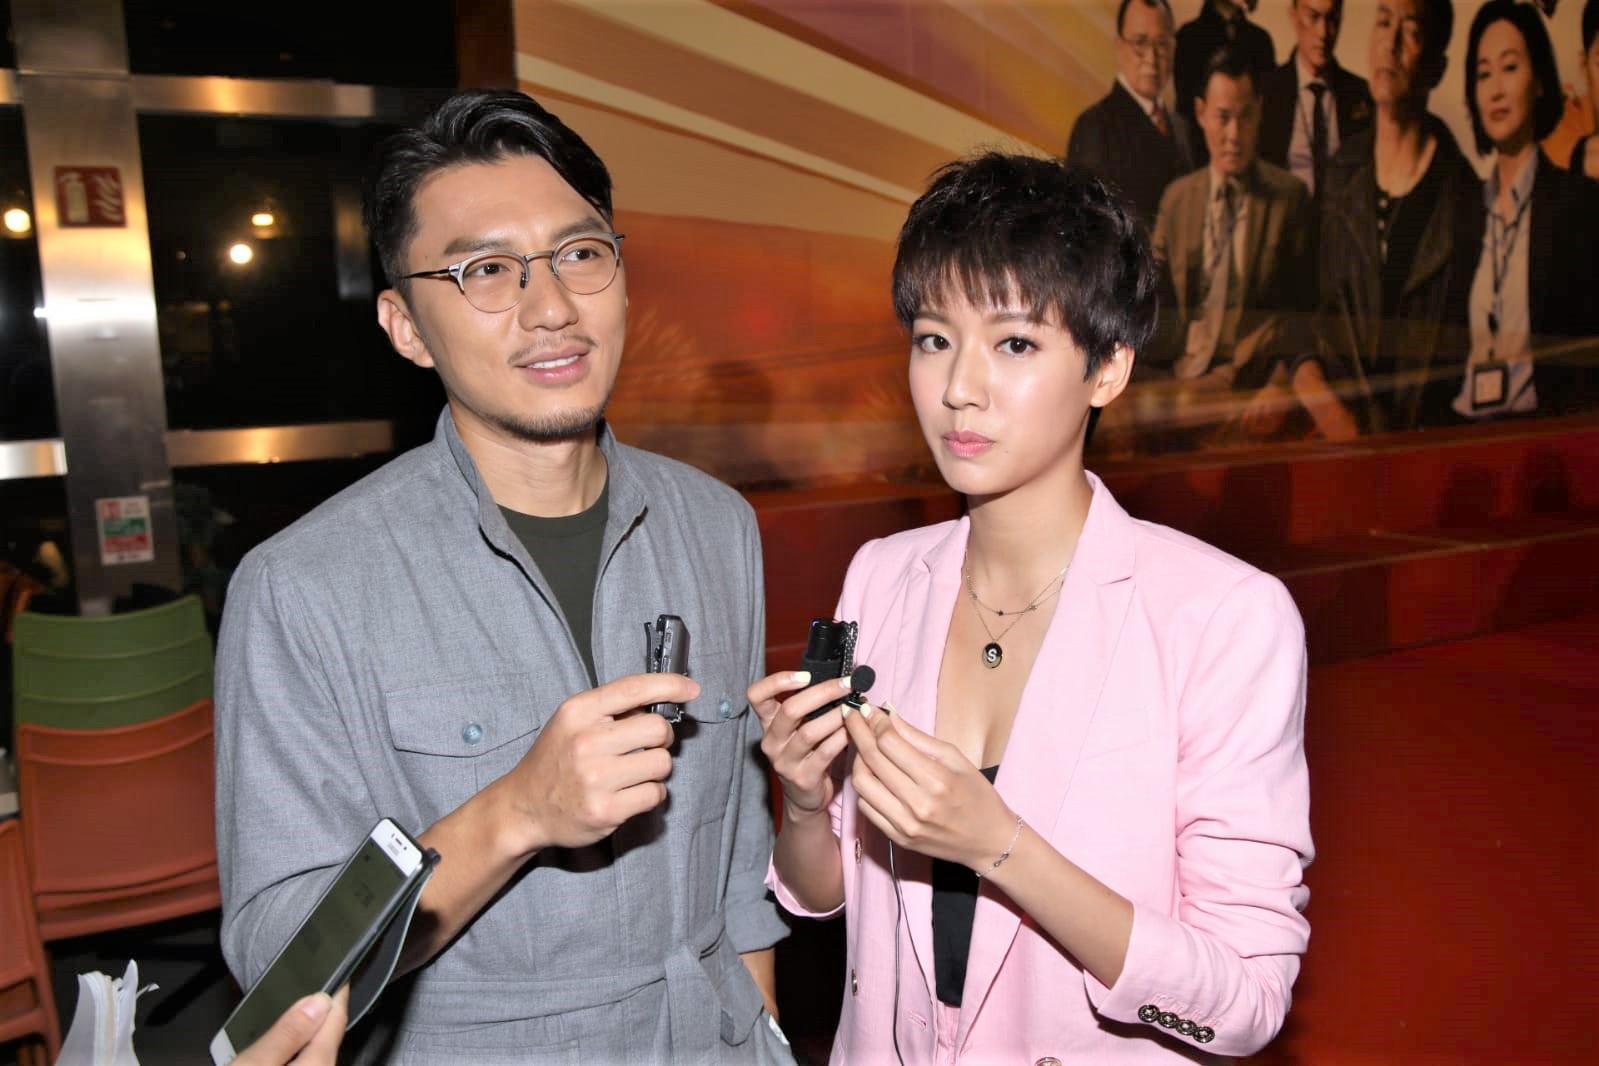 繼《鐵探》後,蔡思貝與袁偉豪將參演《使徒行者3》。